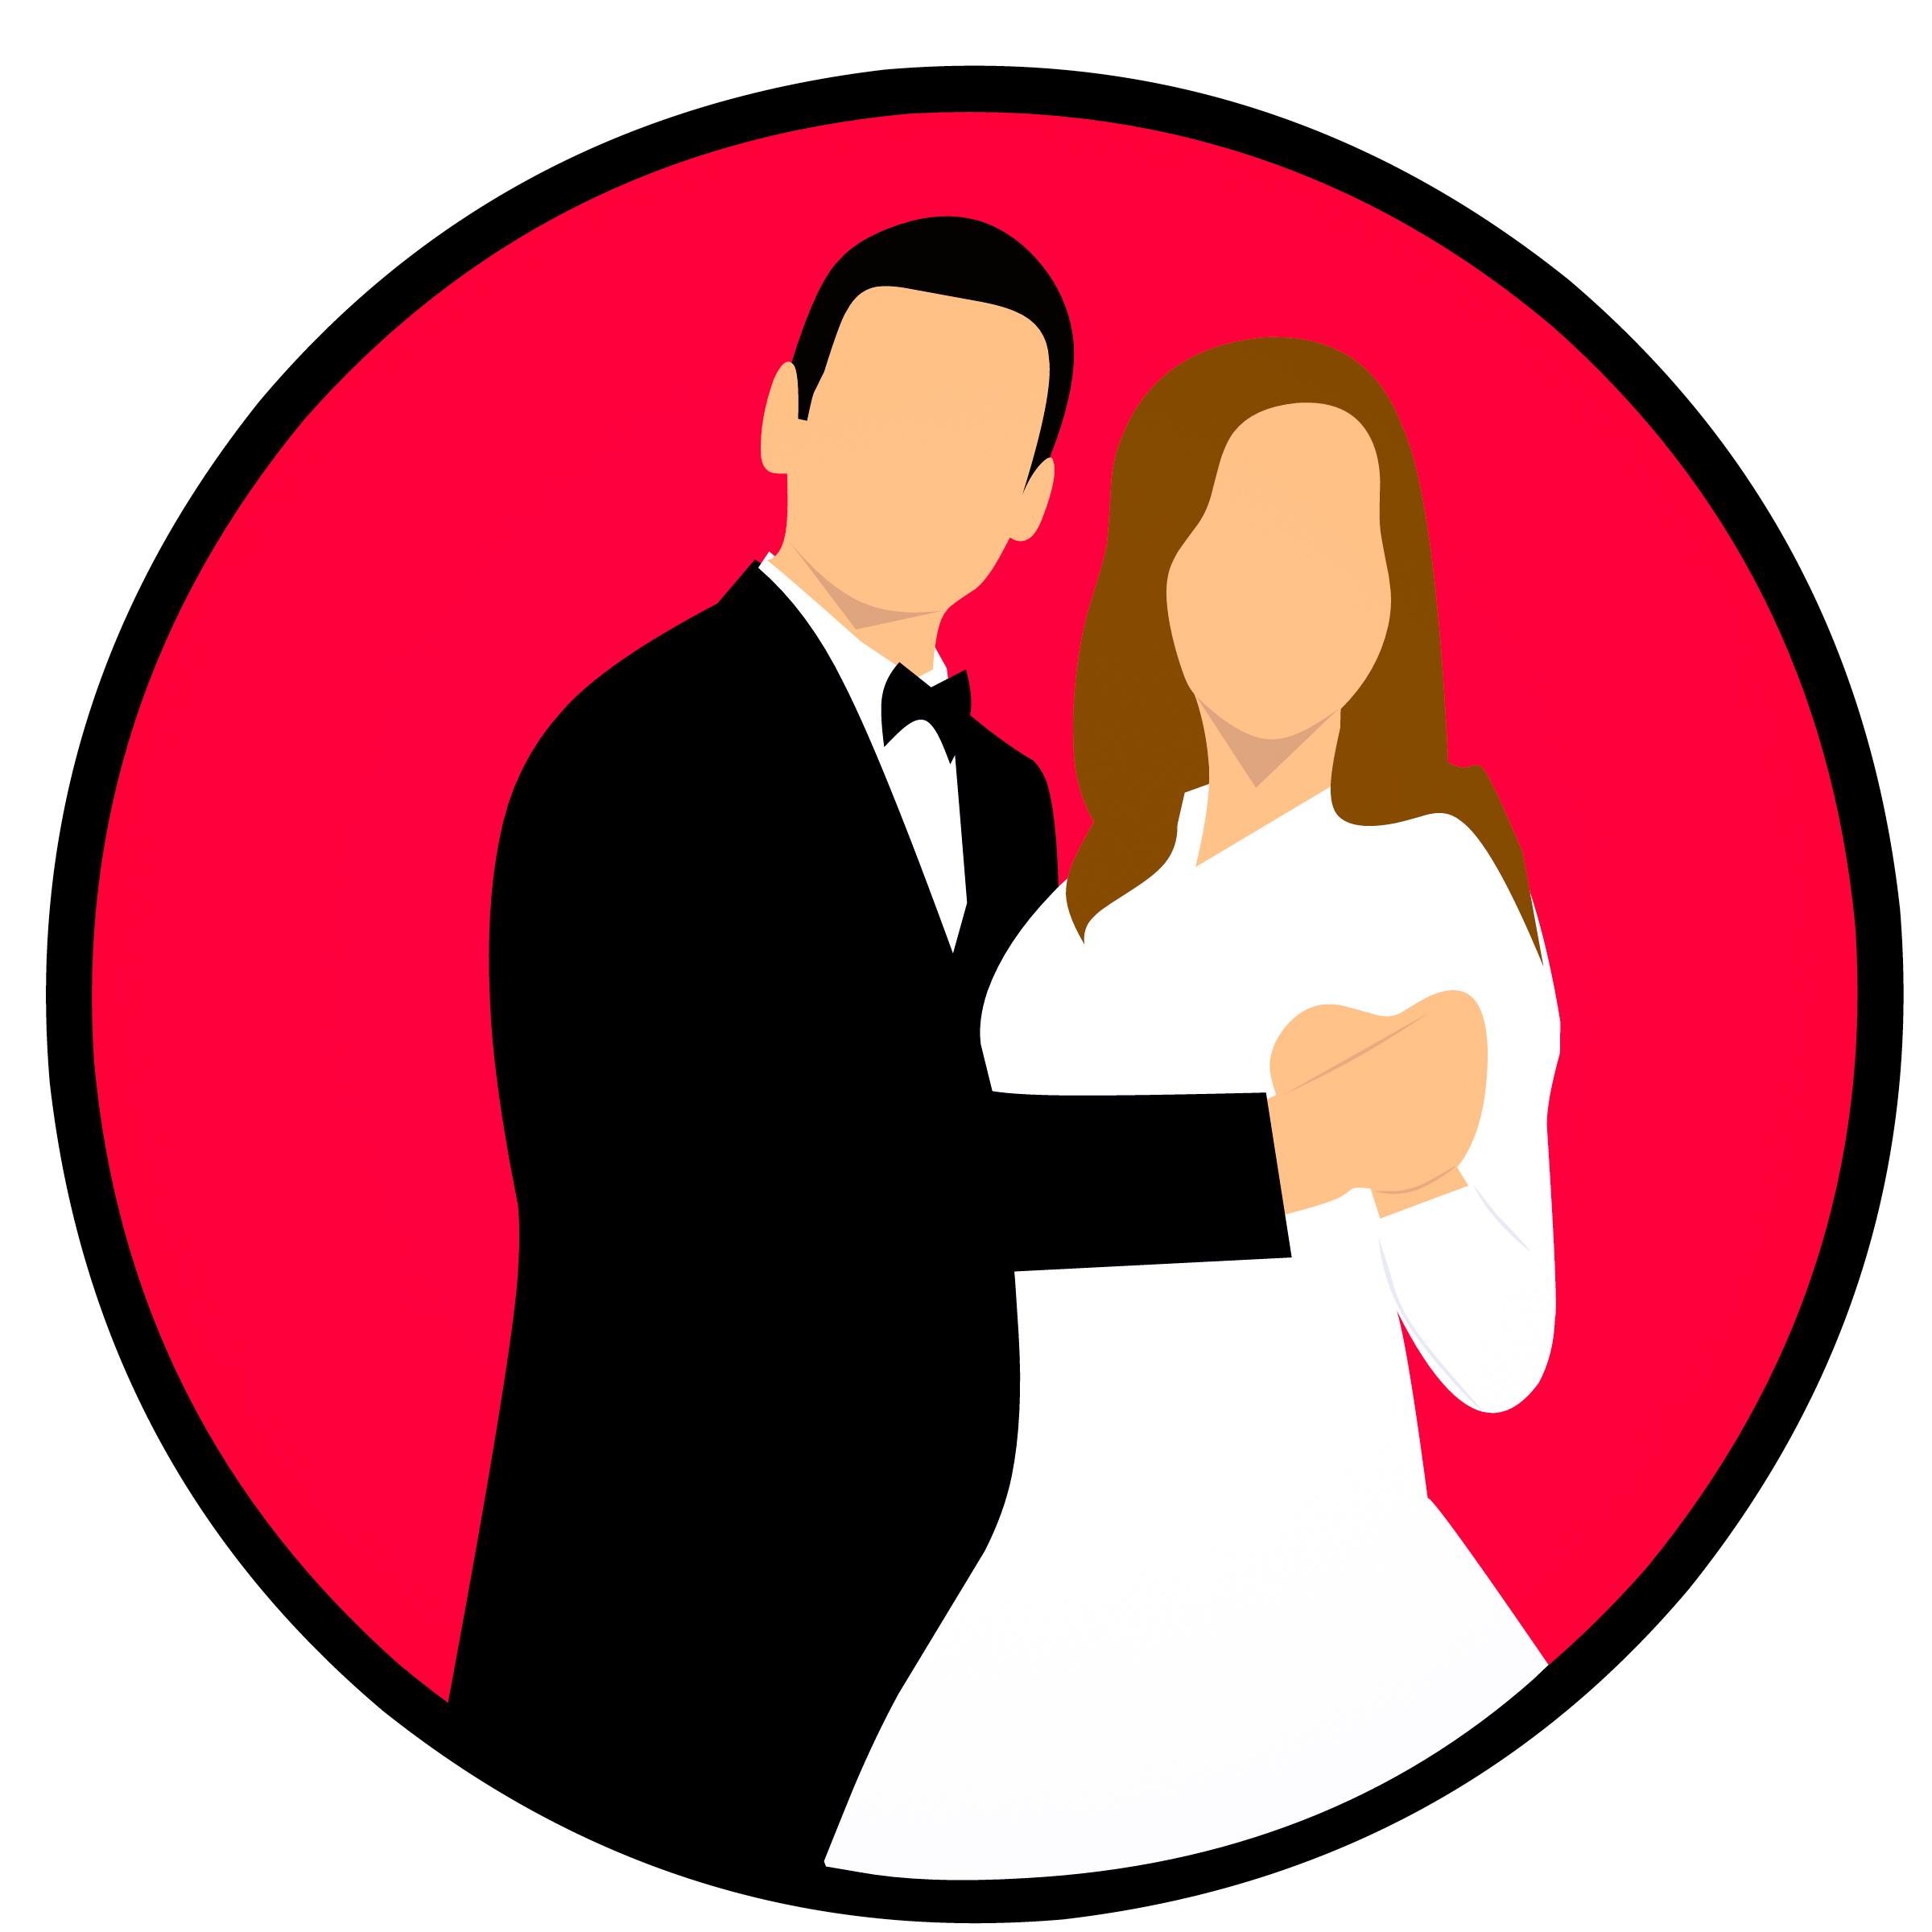 Kostenlose Foto Hochzeit Verheiratet Symbol Paar Braut